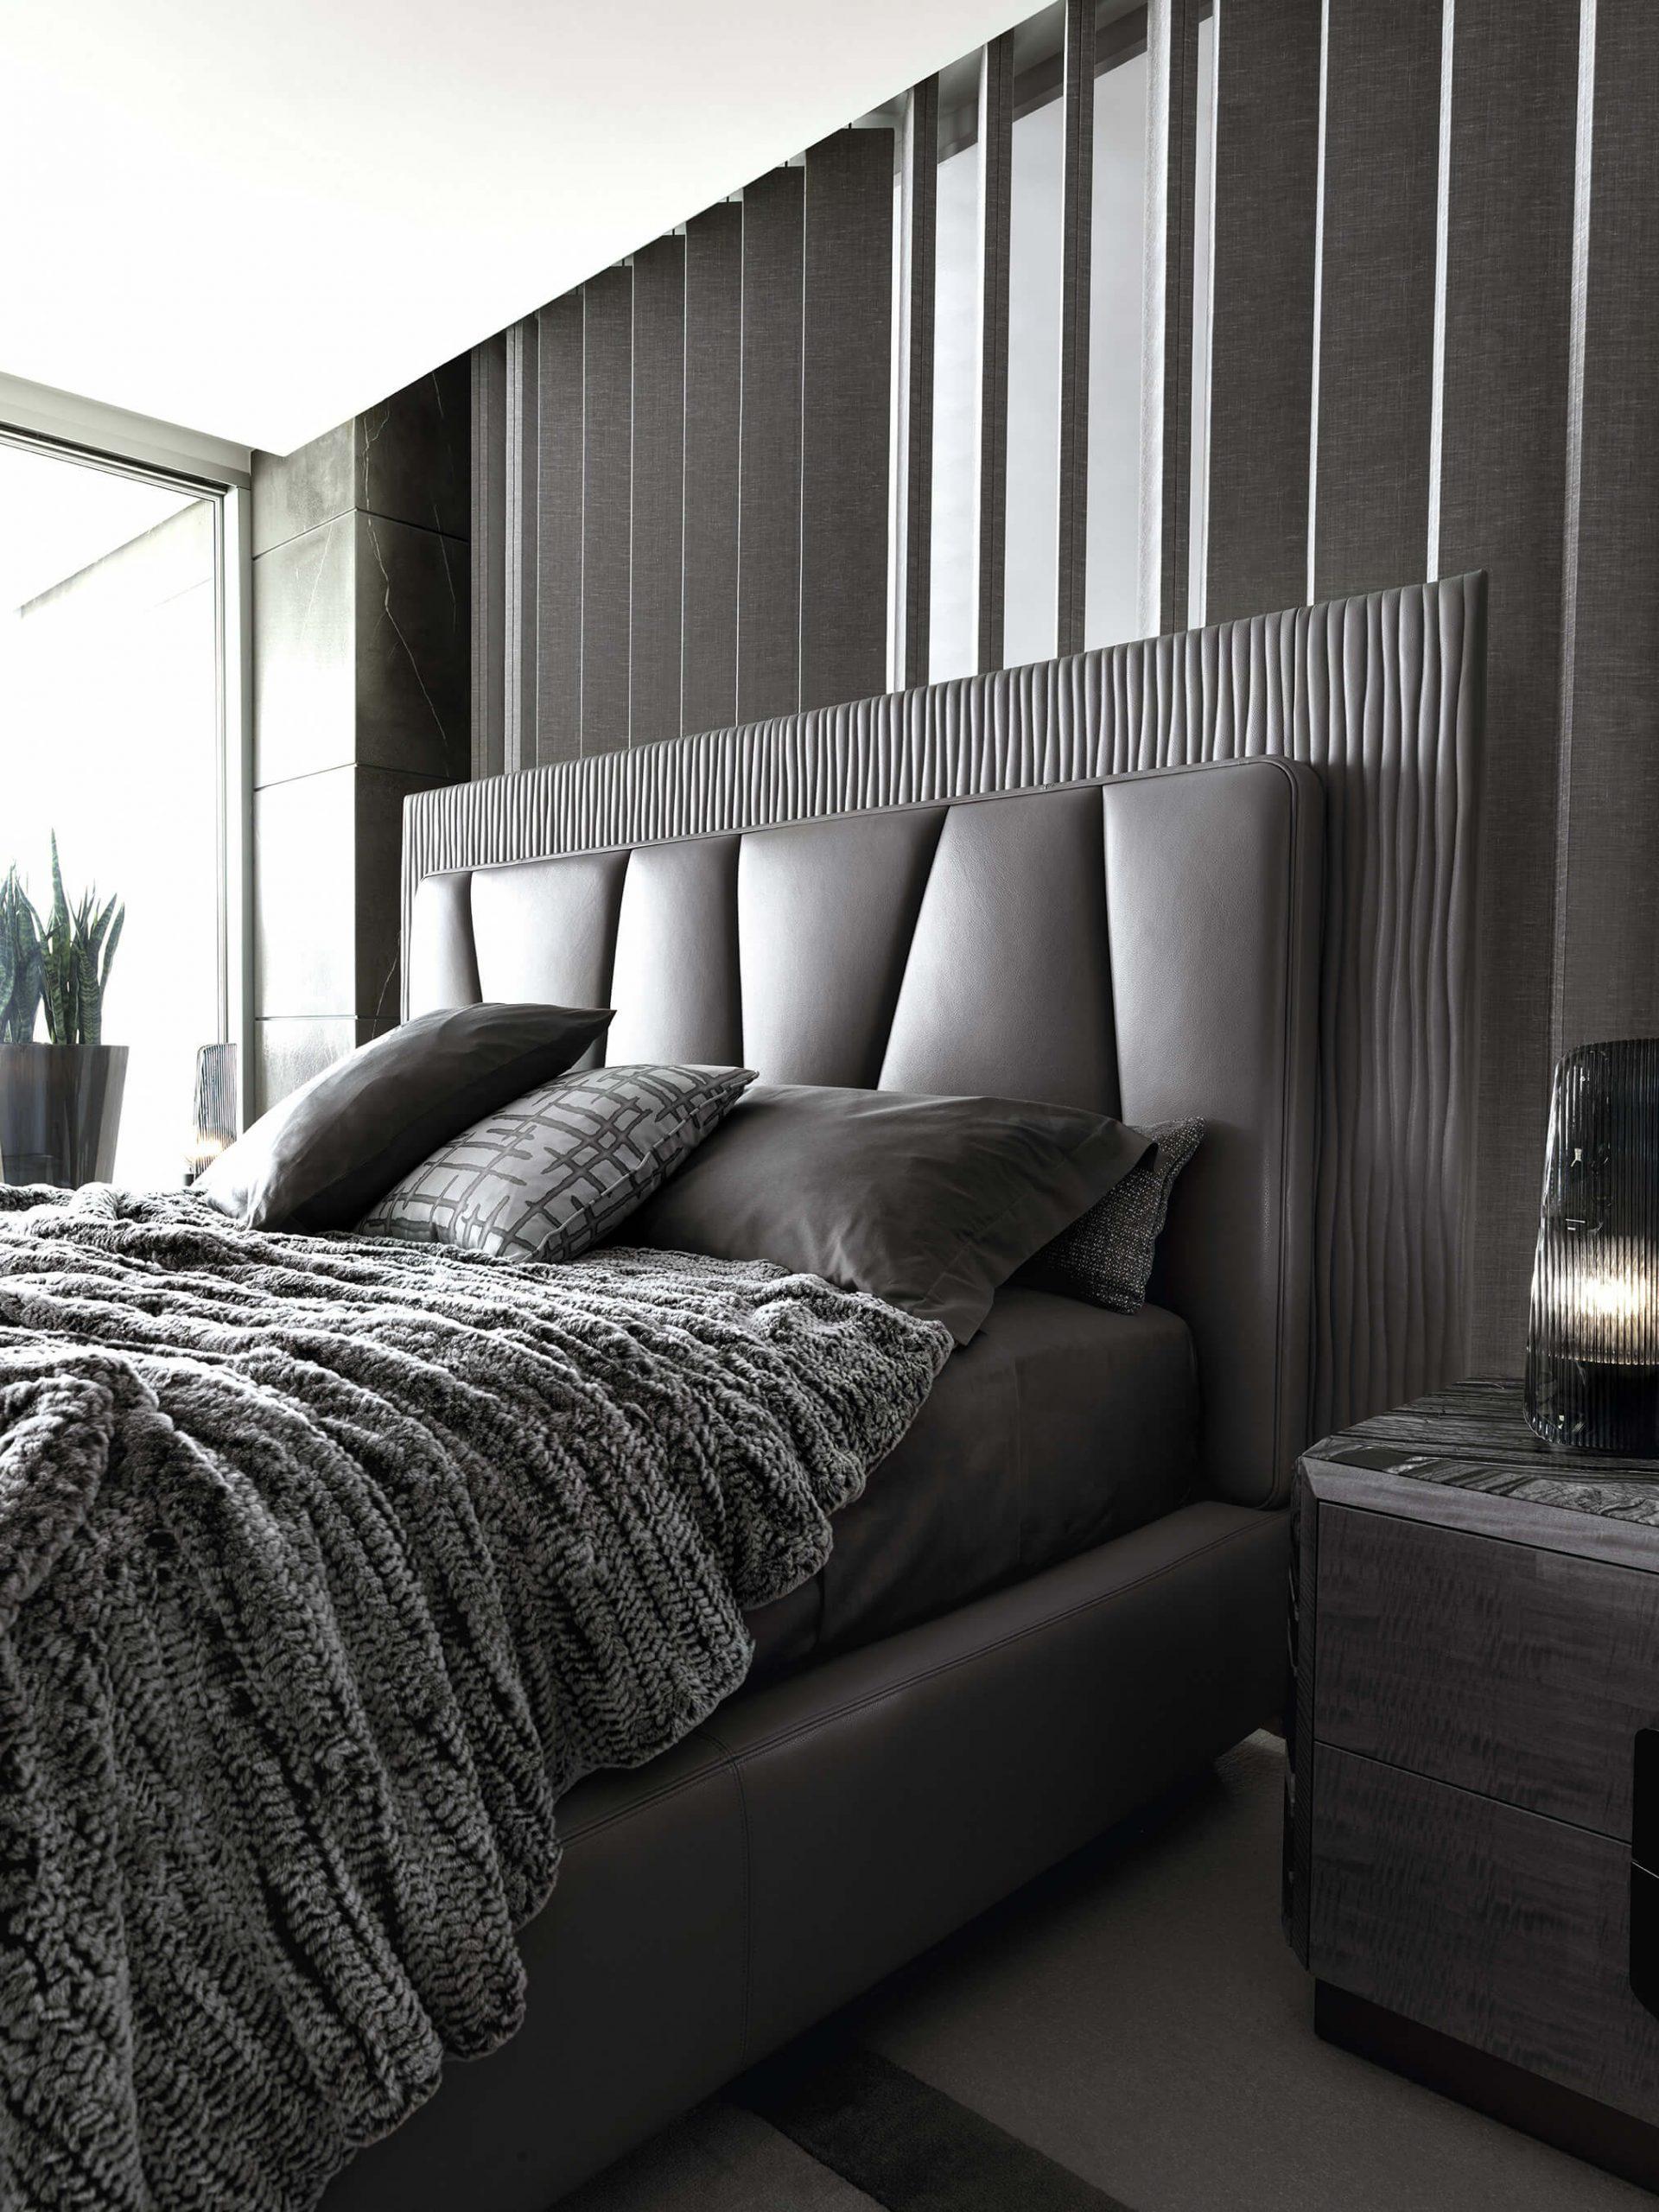 Mirage Bed